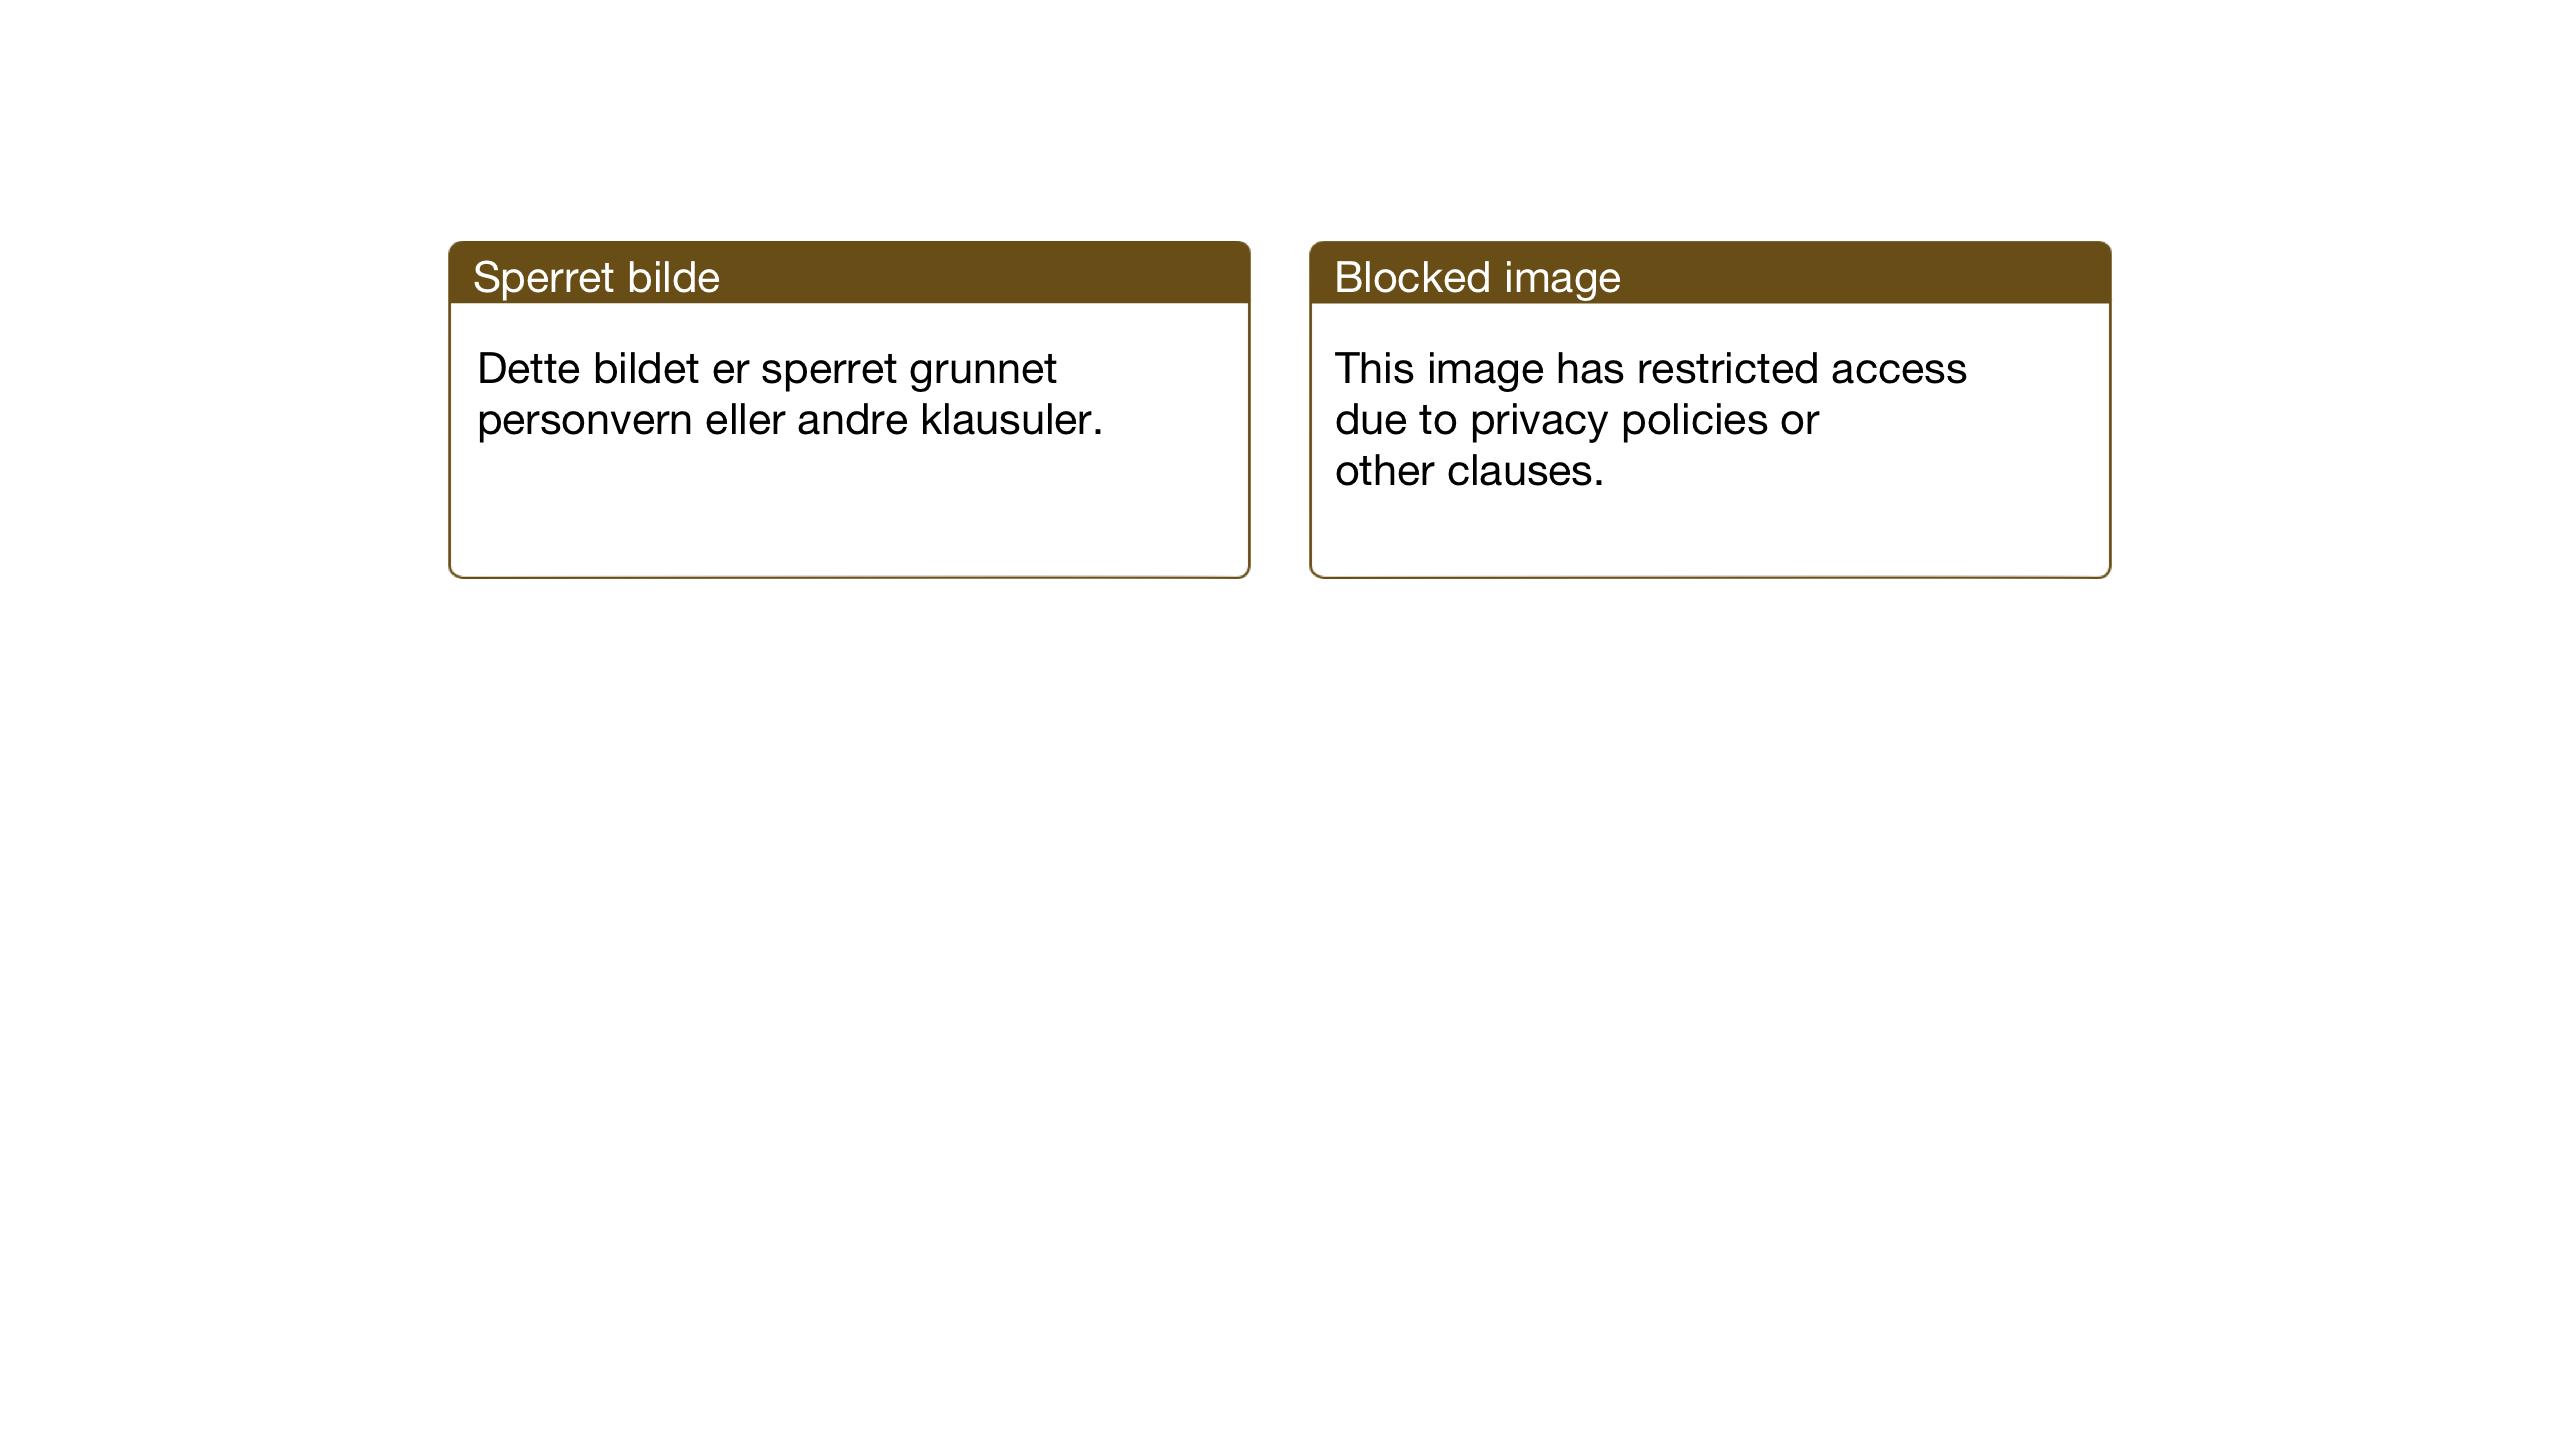 SAT, Ministerialprotokoller, klokkerbøker og fødselsregistre - Nord-Trøndelag, 710/L0097: Klokkerbok nr. 710C02, 1925-1955, s. 100